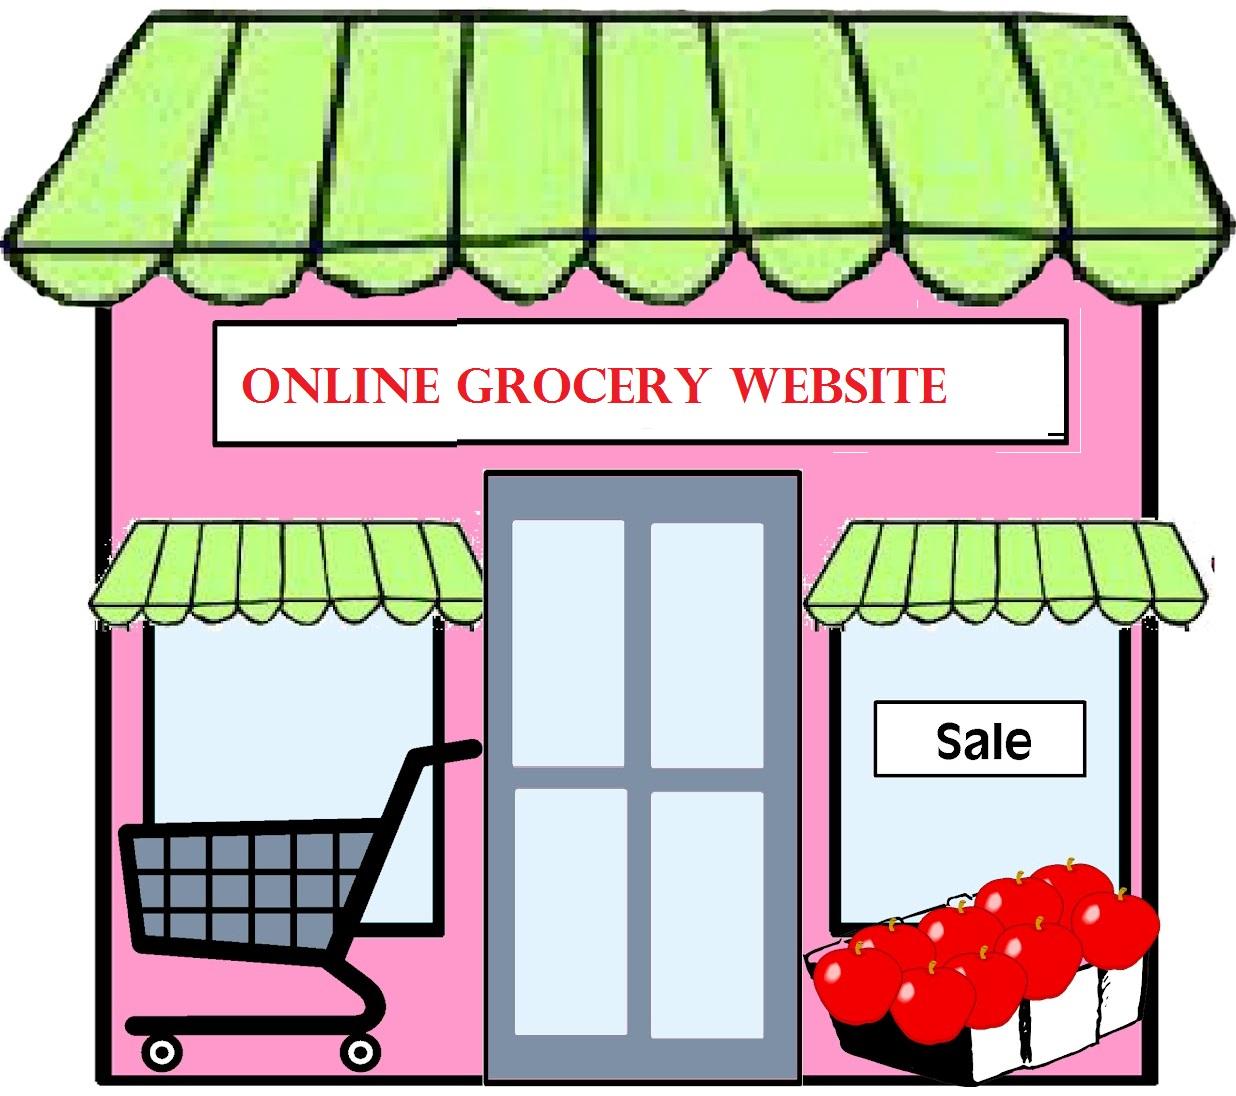 Online Grocery Website